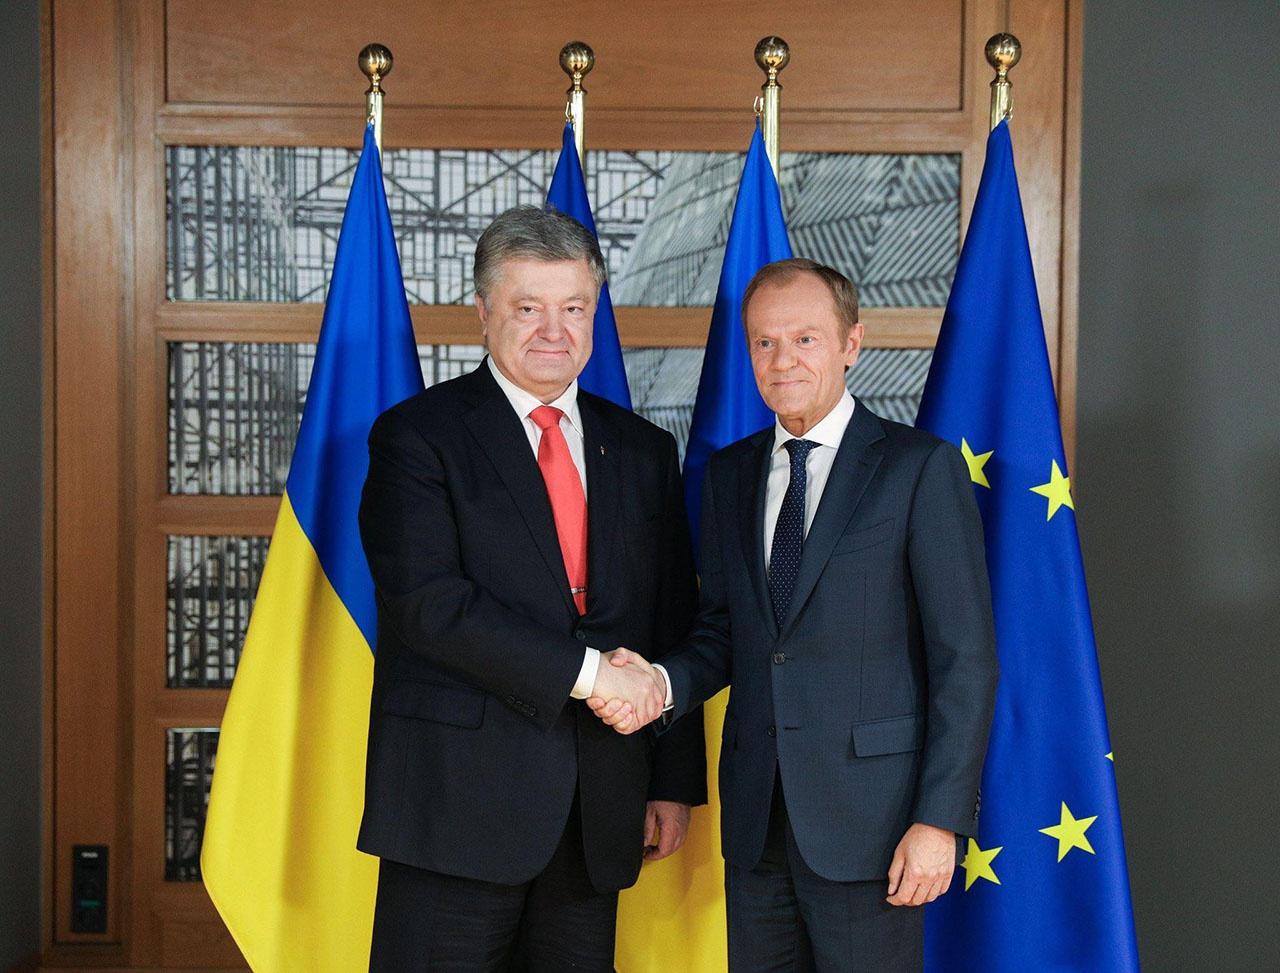 Порошенко хорошо разбирался в политике и понимал, чего хотел Запад и почему он убрал Януковича.